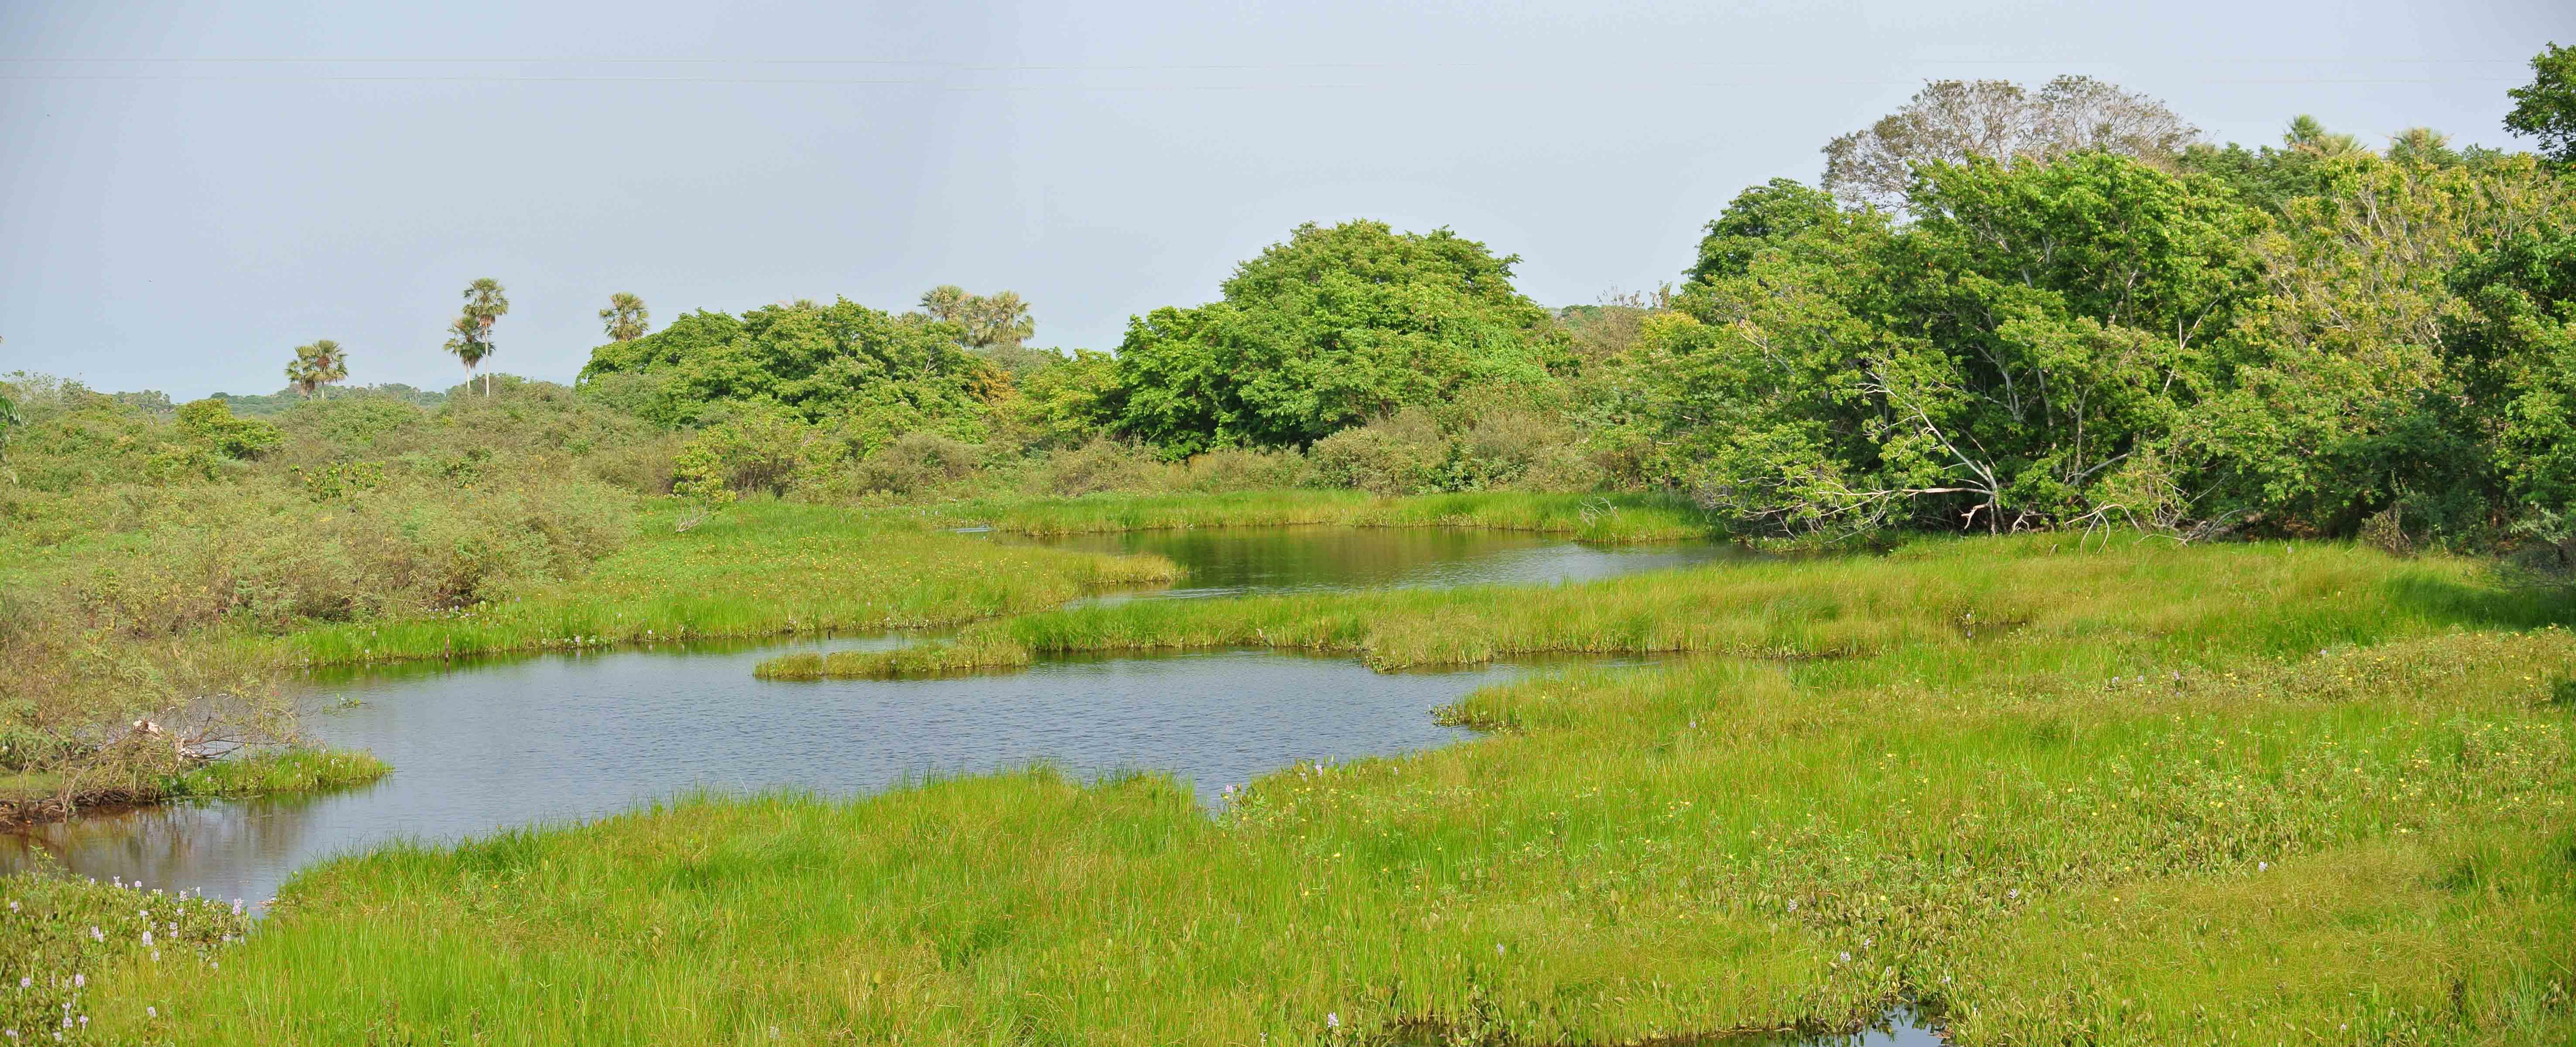 034 2409 Pantanal - Passo do Lontra - Corumba 511jpg